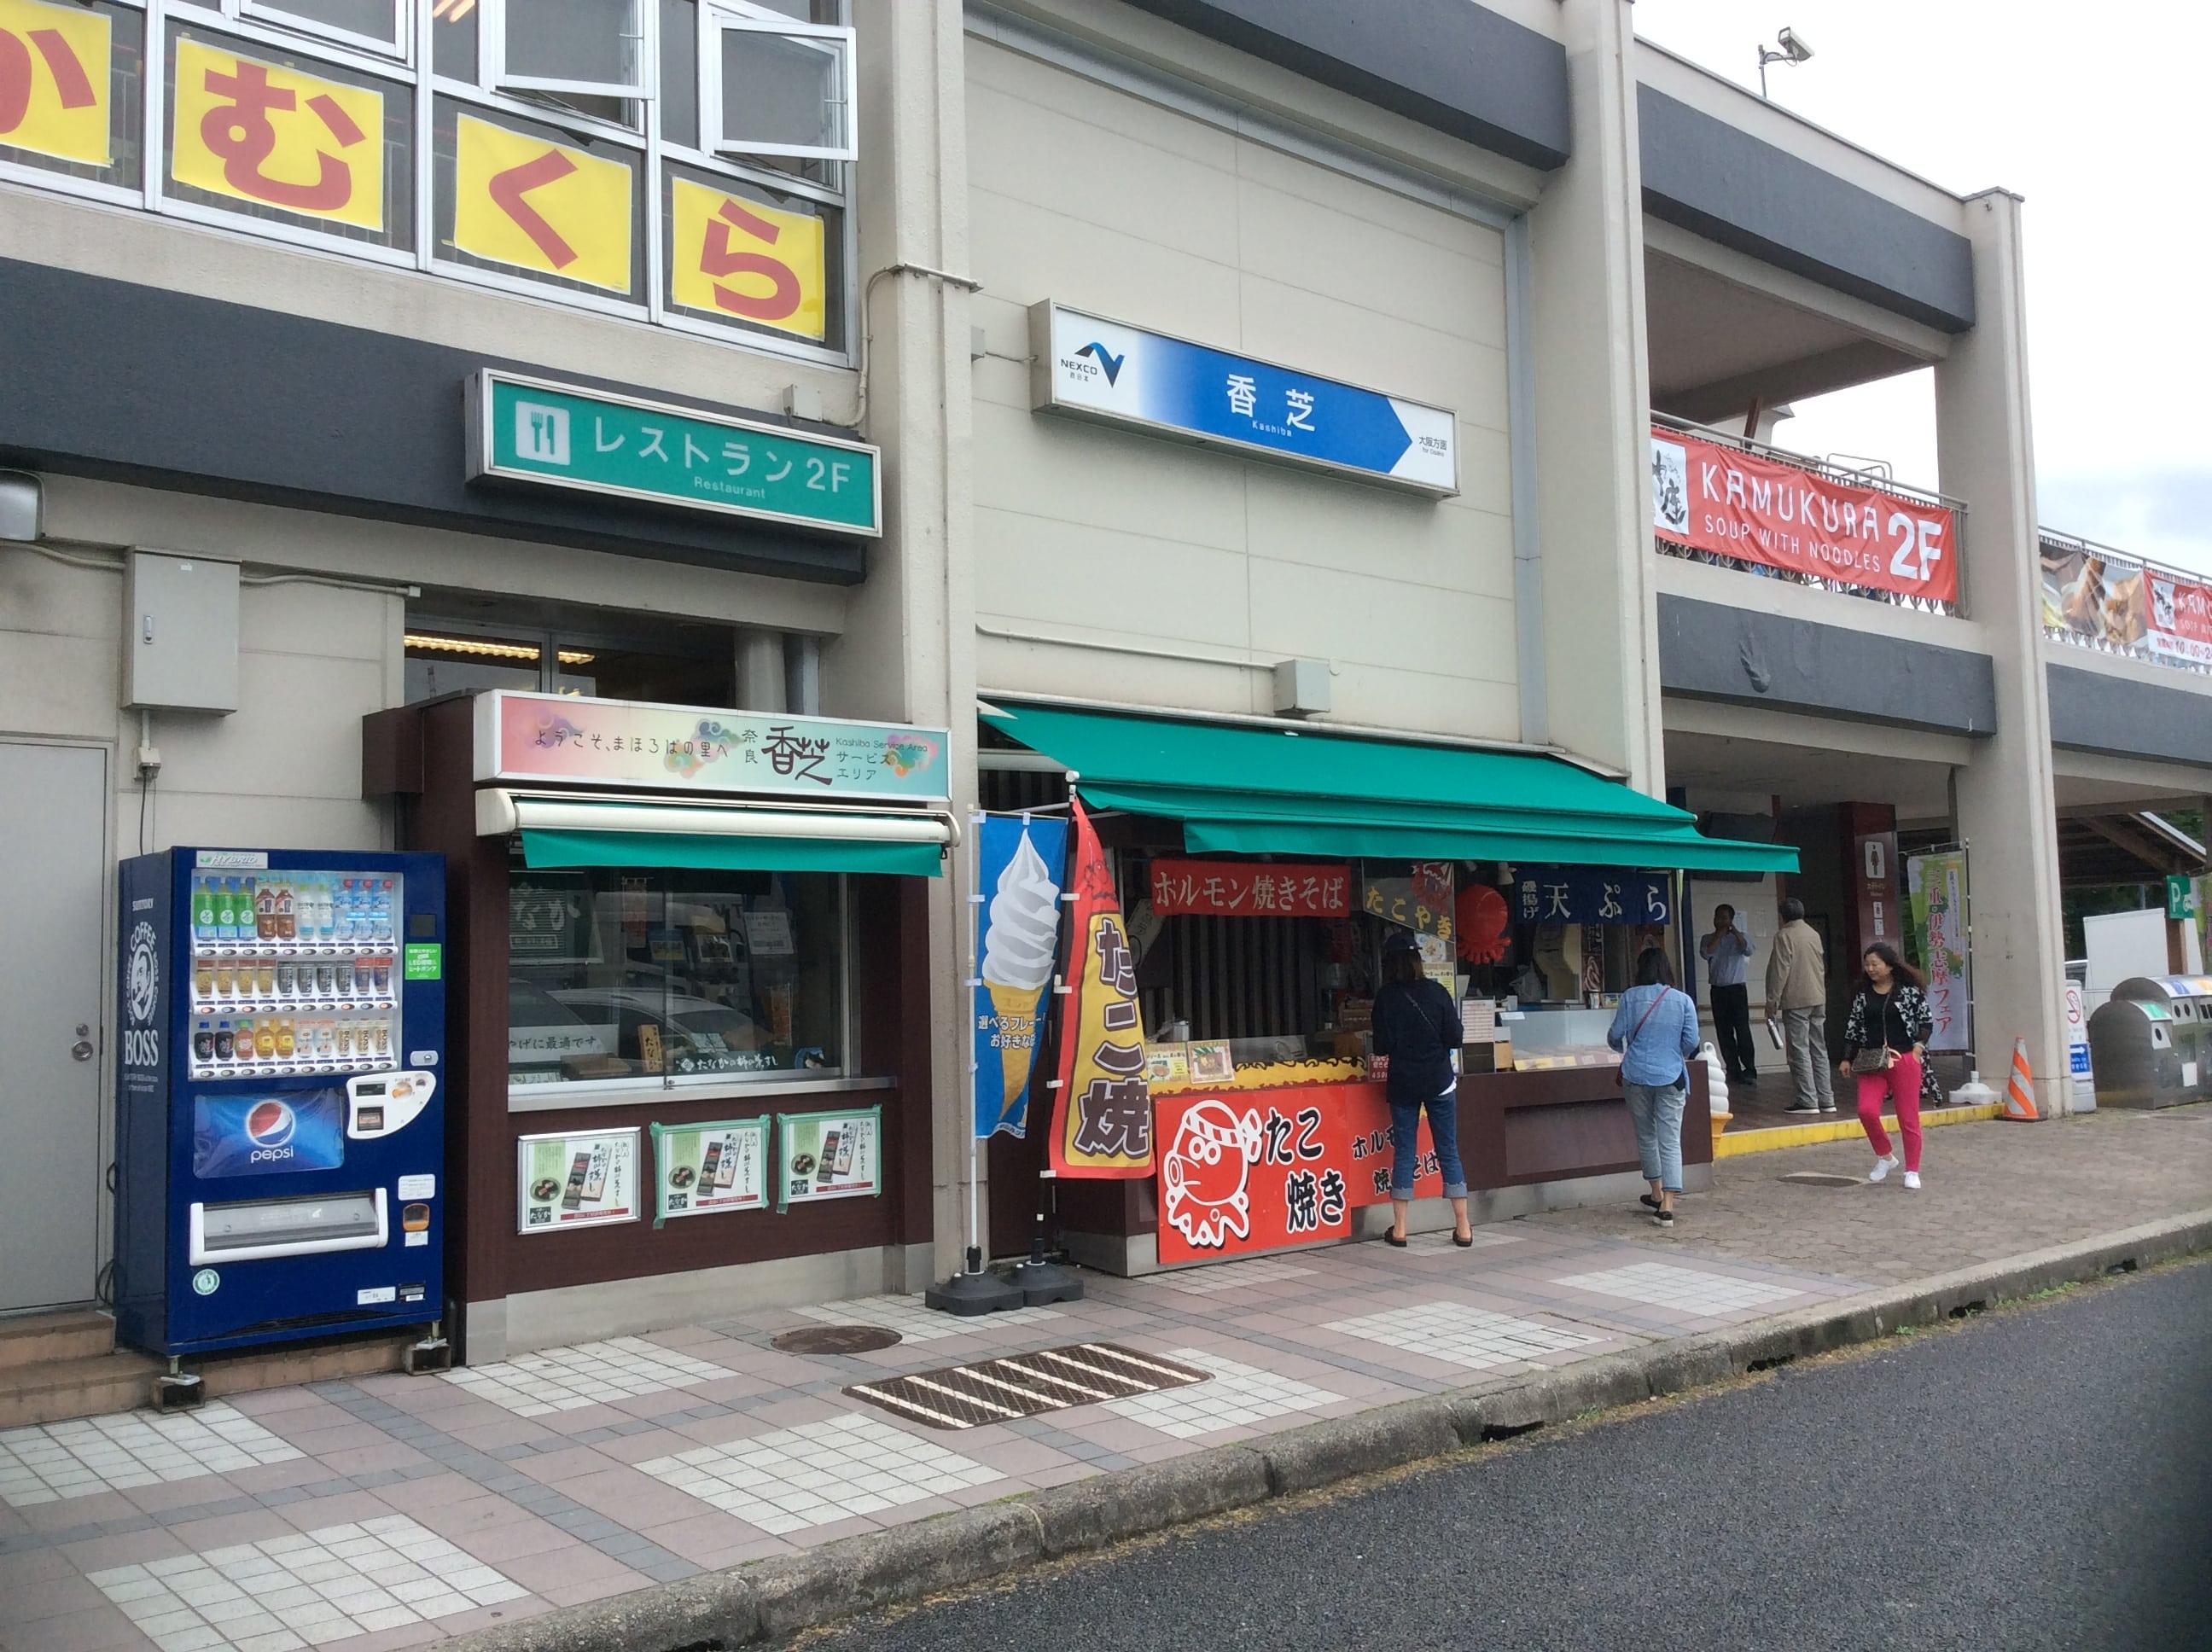 西名阪 香芝SA 下り(奈良県香芝市、サービスエリア)